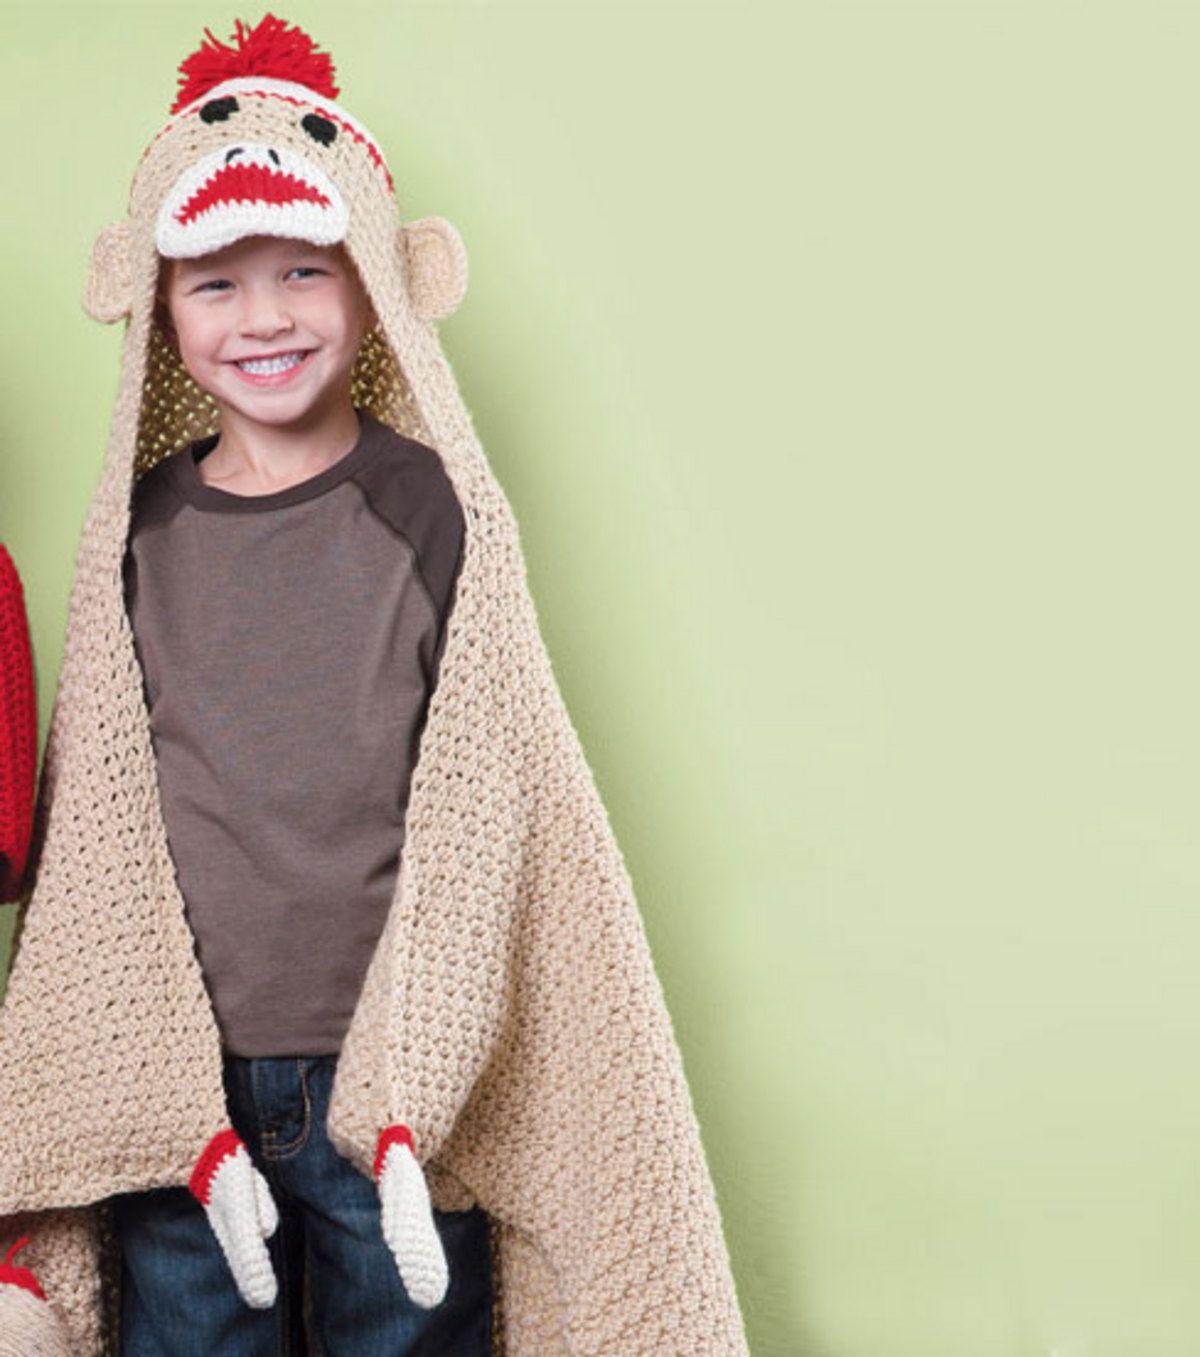 Make Red Heel Sock Monkeys and Elephants | Monkey, Blanket and Socks